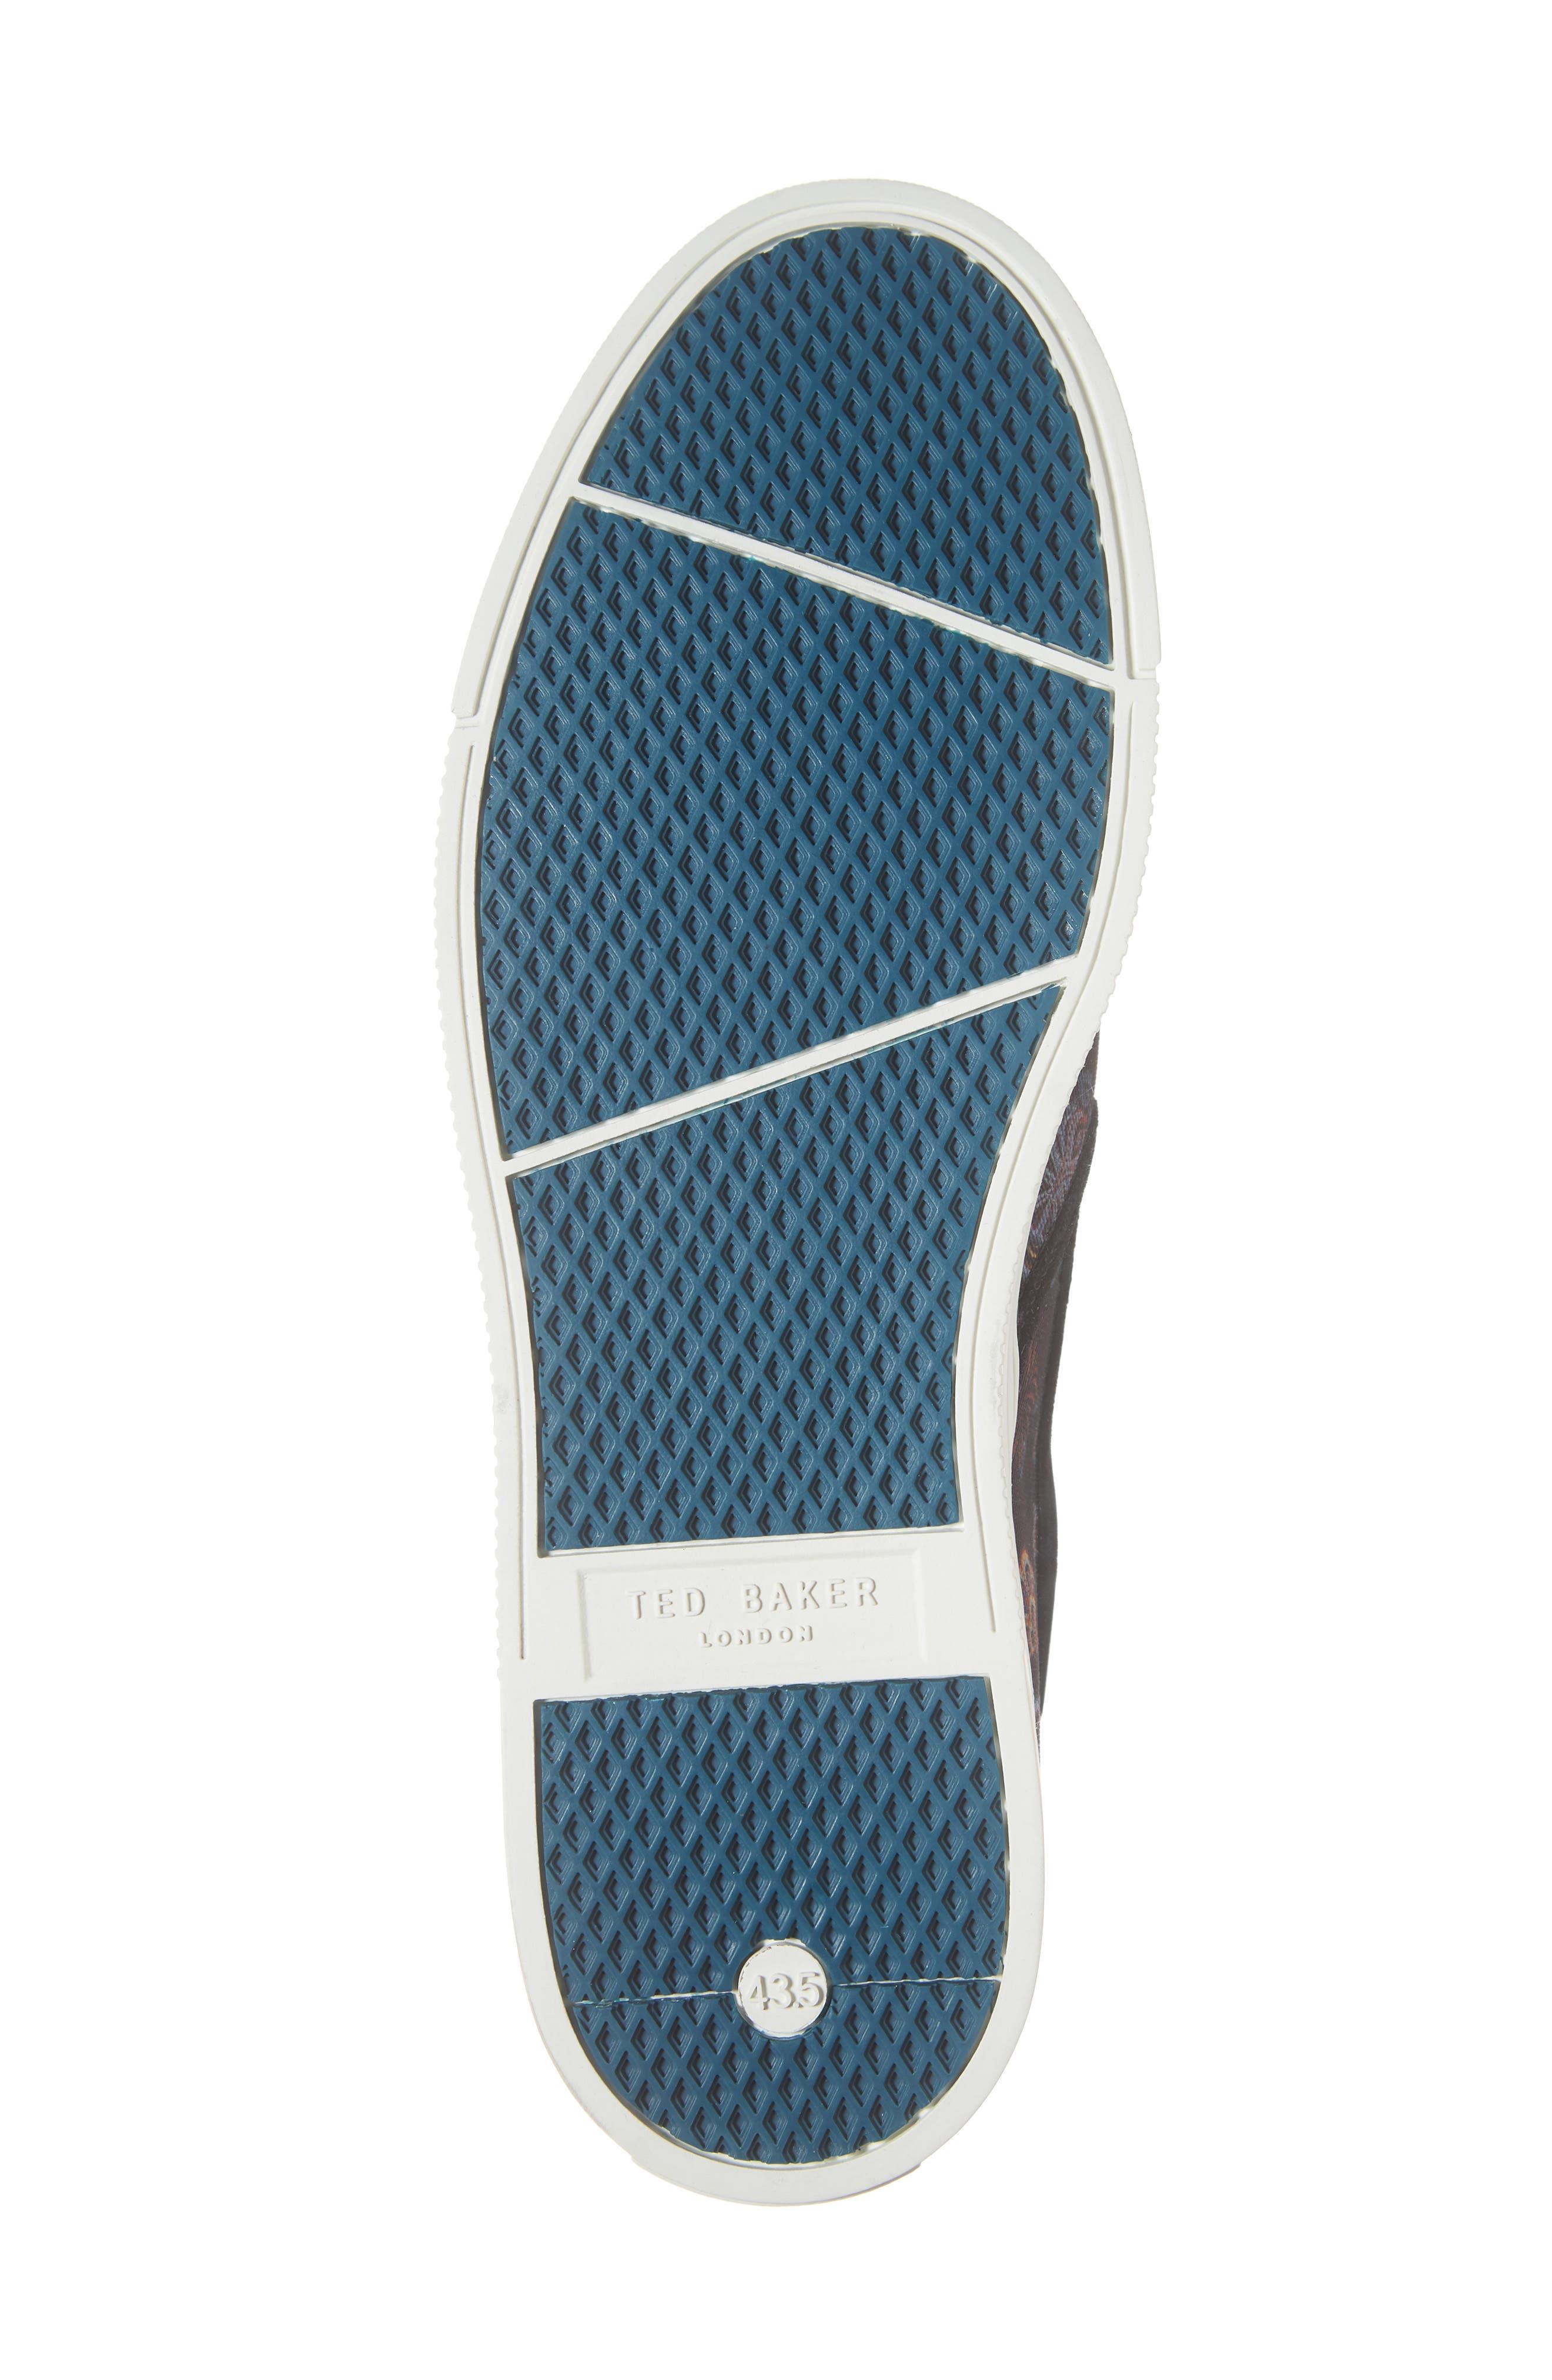 TED BAKER LONDON, Mhako Slip-On Sneaker, Alternate thumbnail 6, color, BLACK/ GREY